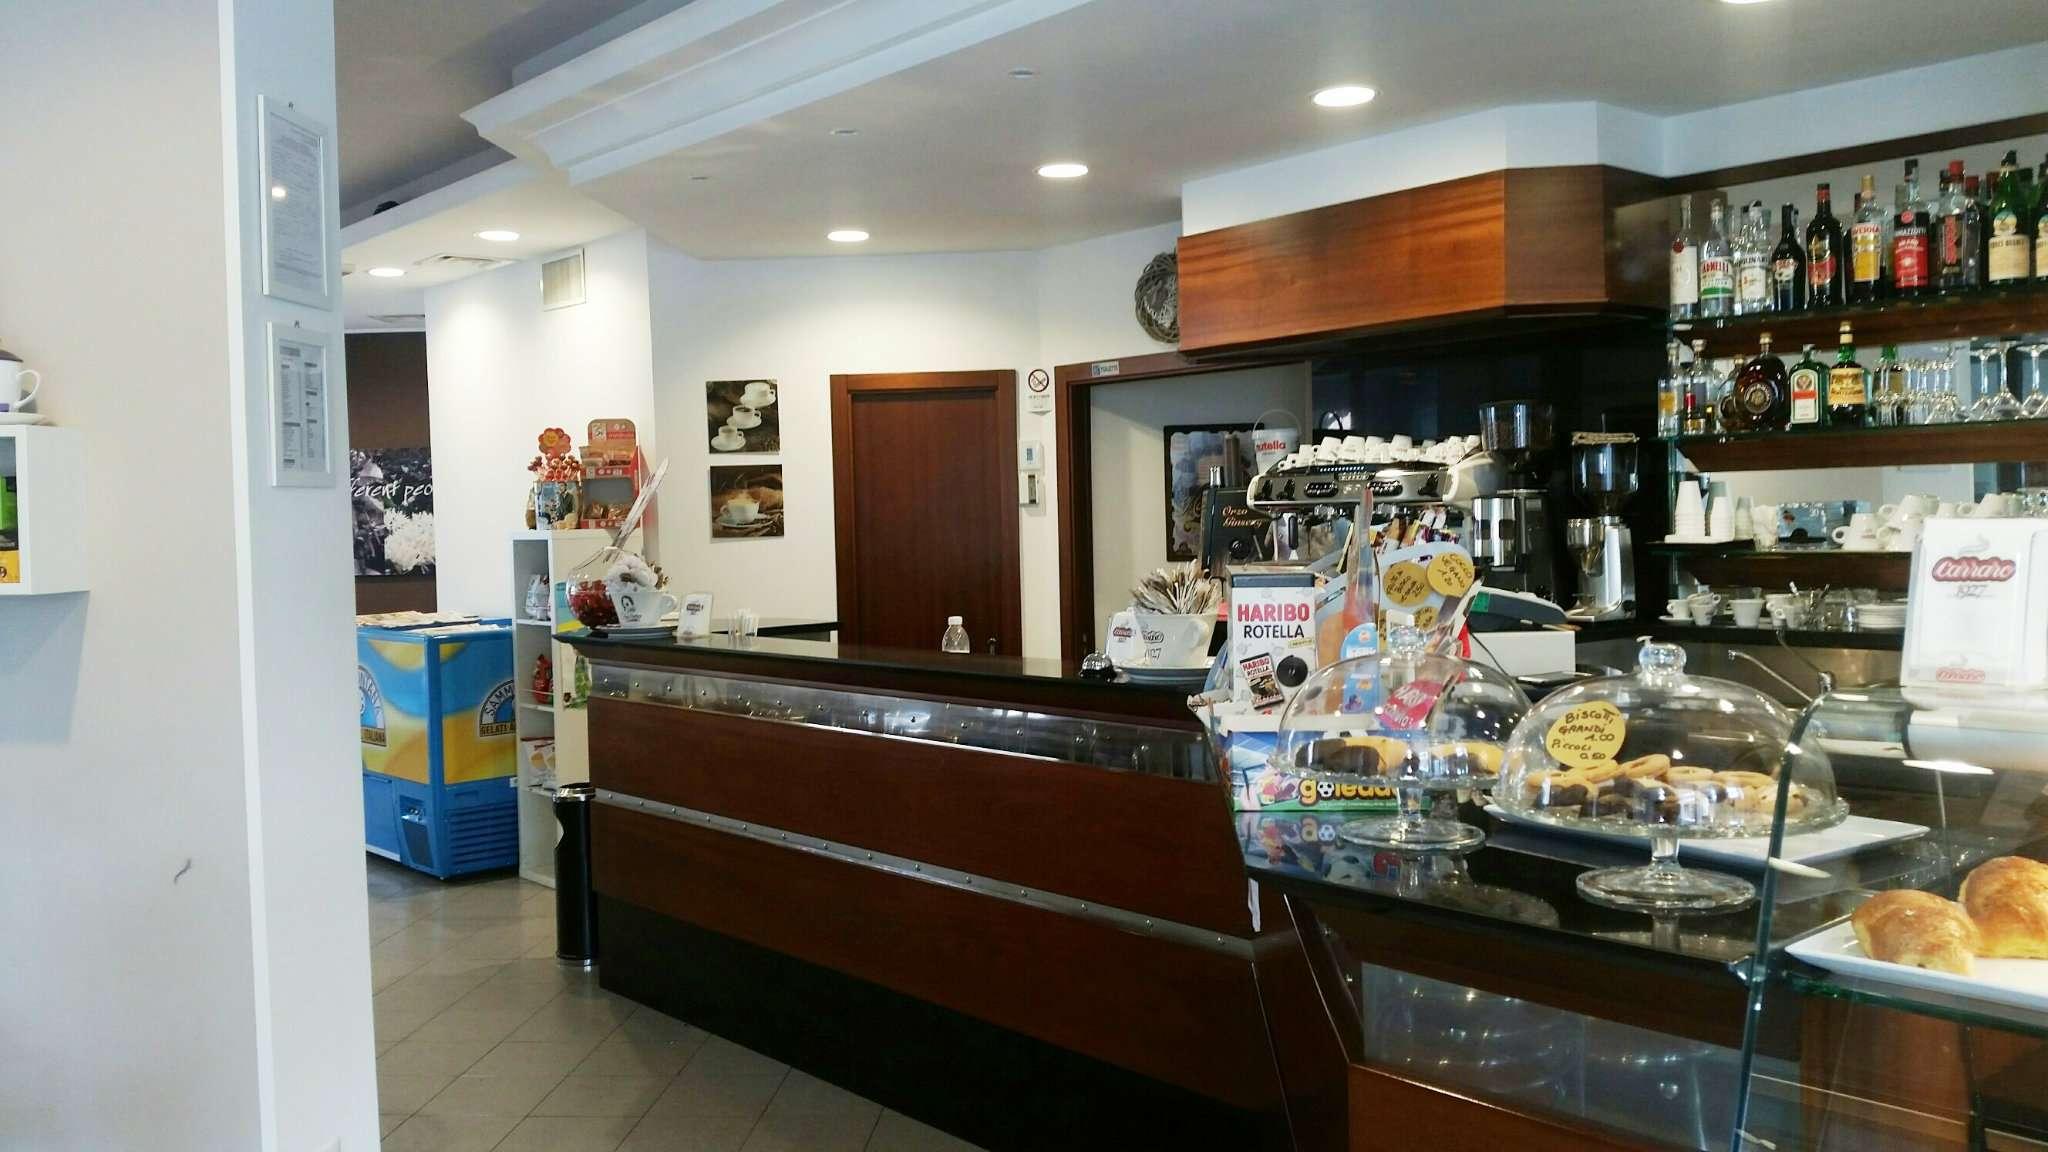 Negozio / Locale in vendita a Cattolica, 9999 locali, prezzo € 200.000   Cambio Casa.it